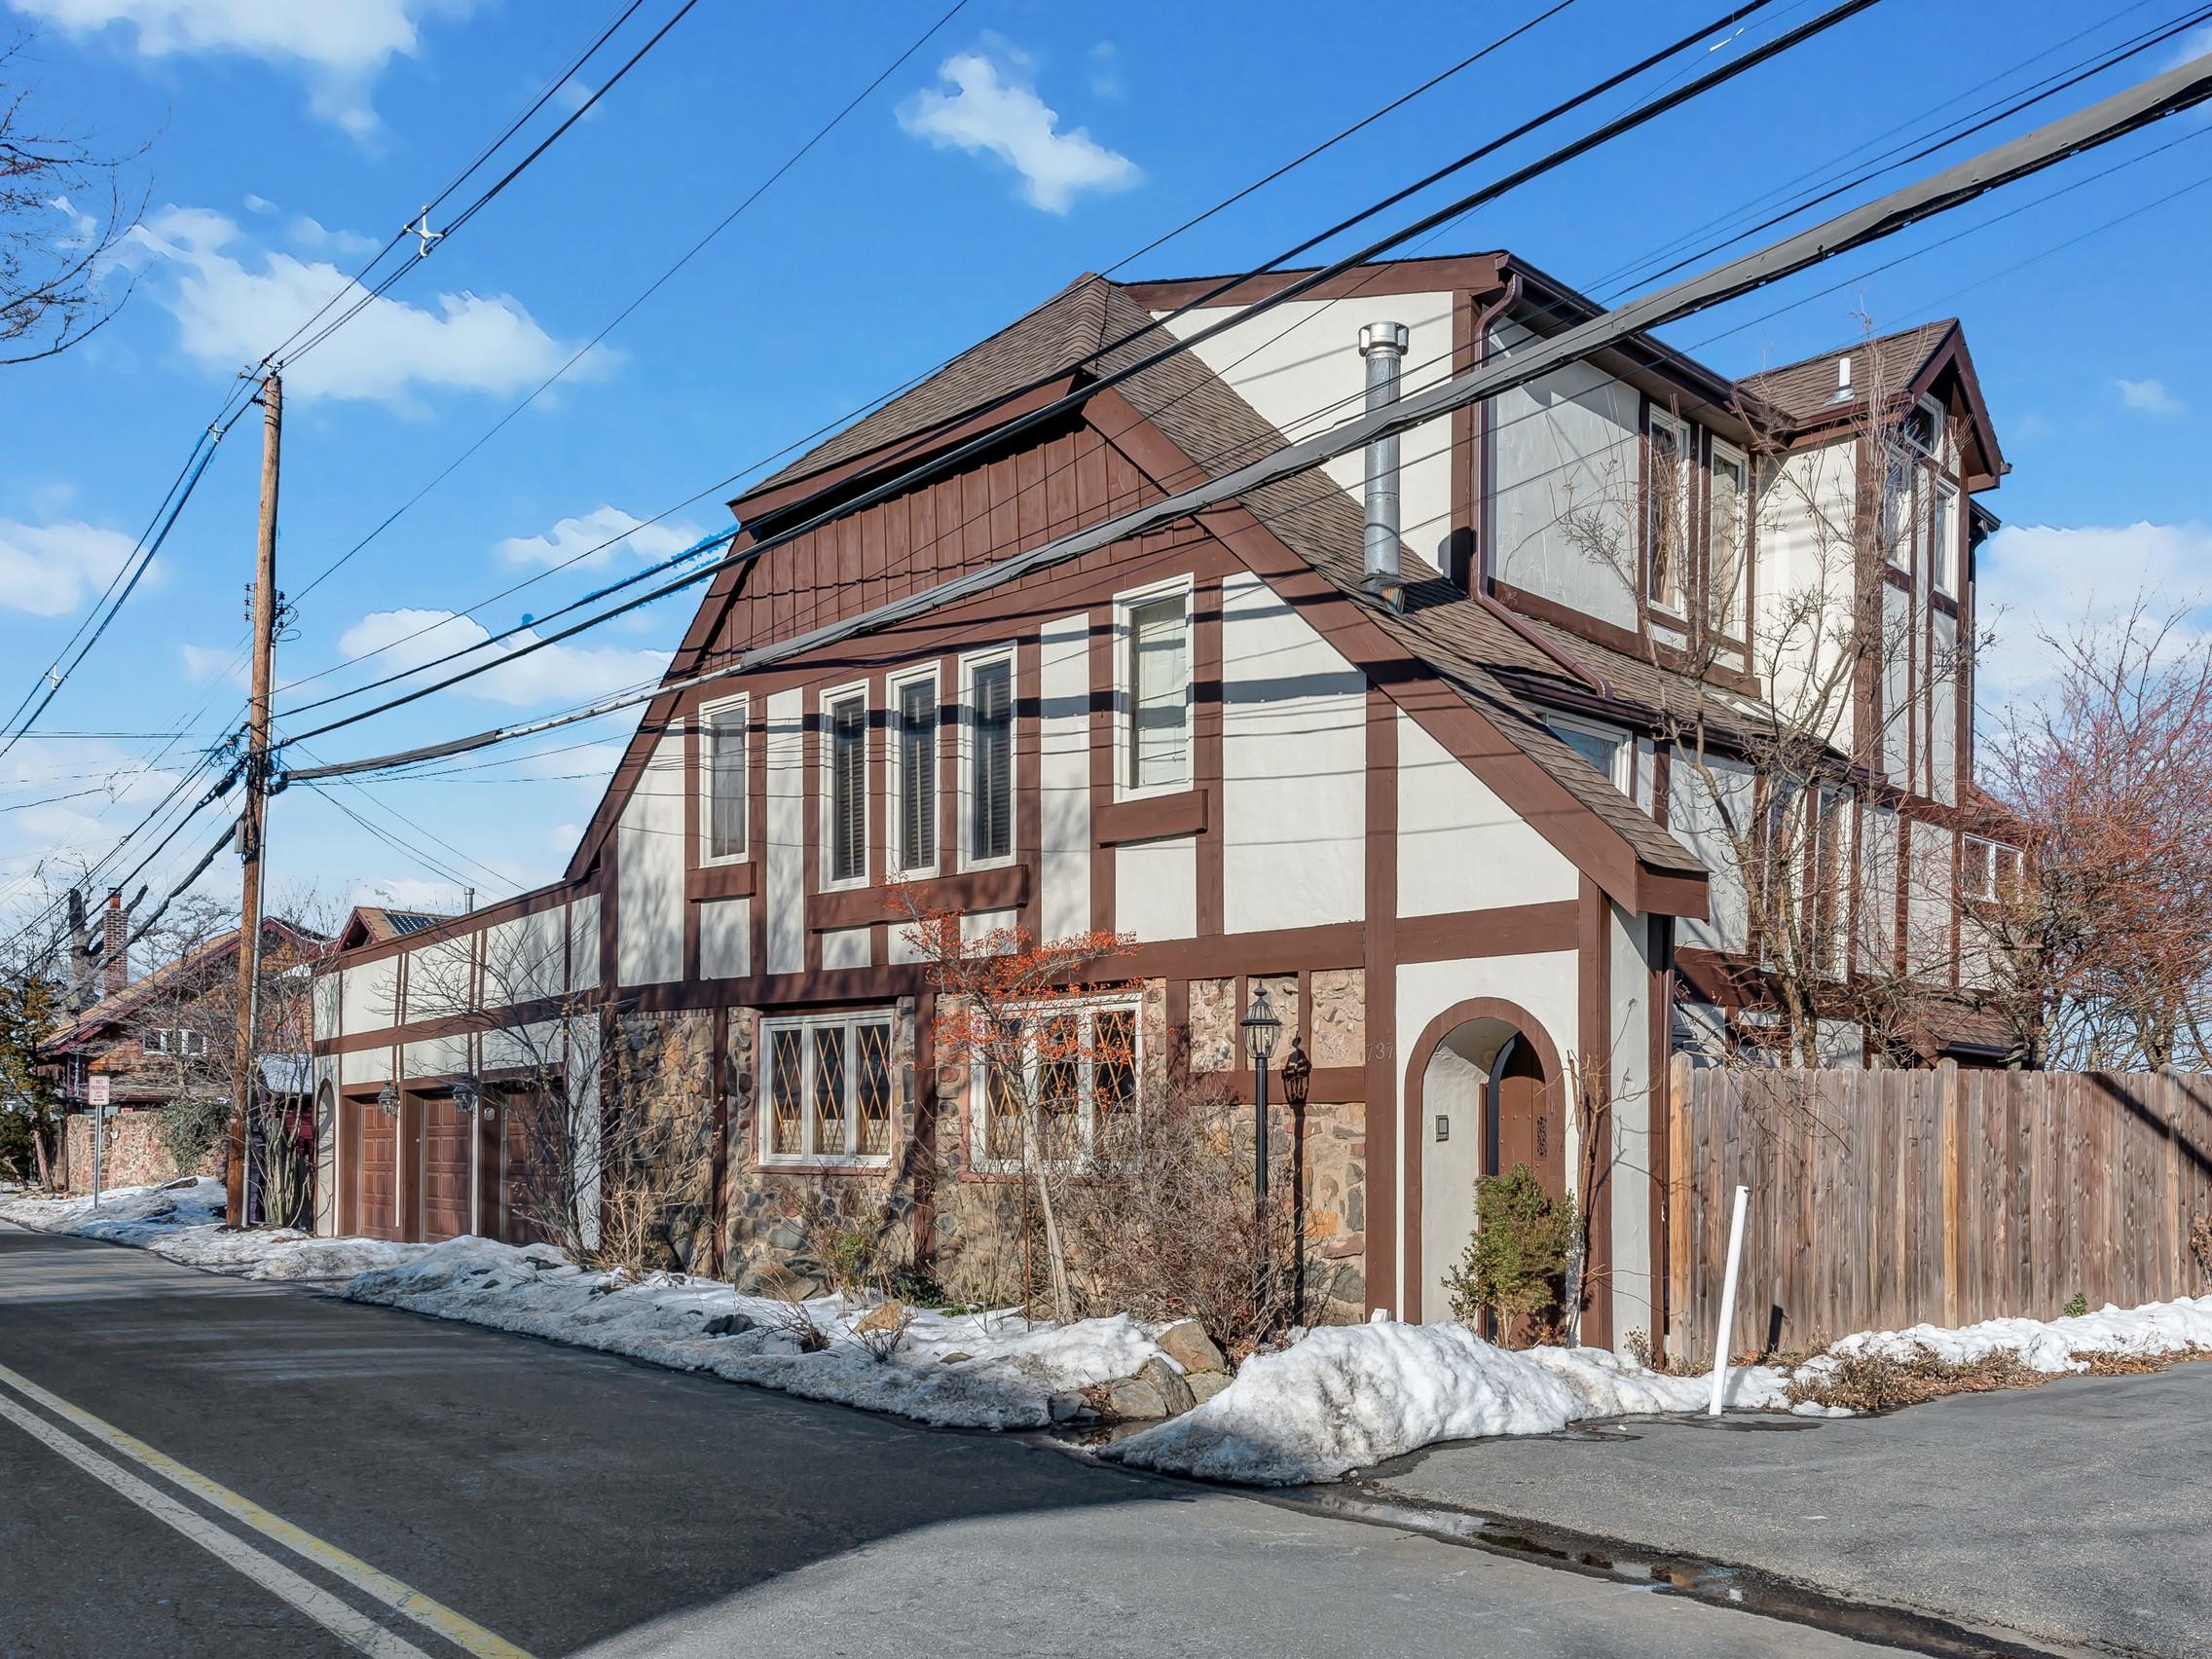 단독 가정 주택 용 매매 에 SoHo-on-Hudson 737 Piermont Ave. Piermont, 뉴욕, 10968 미국